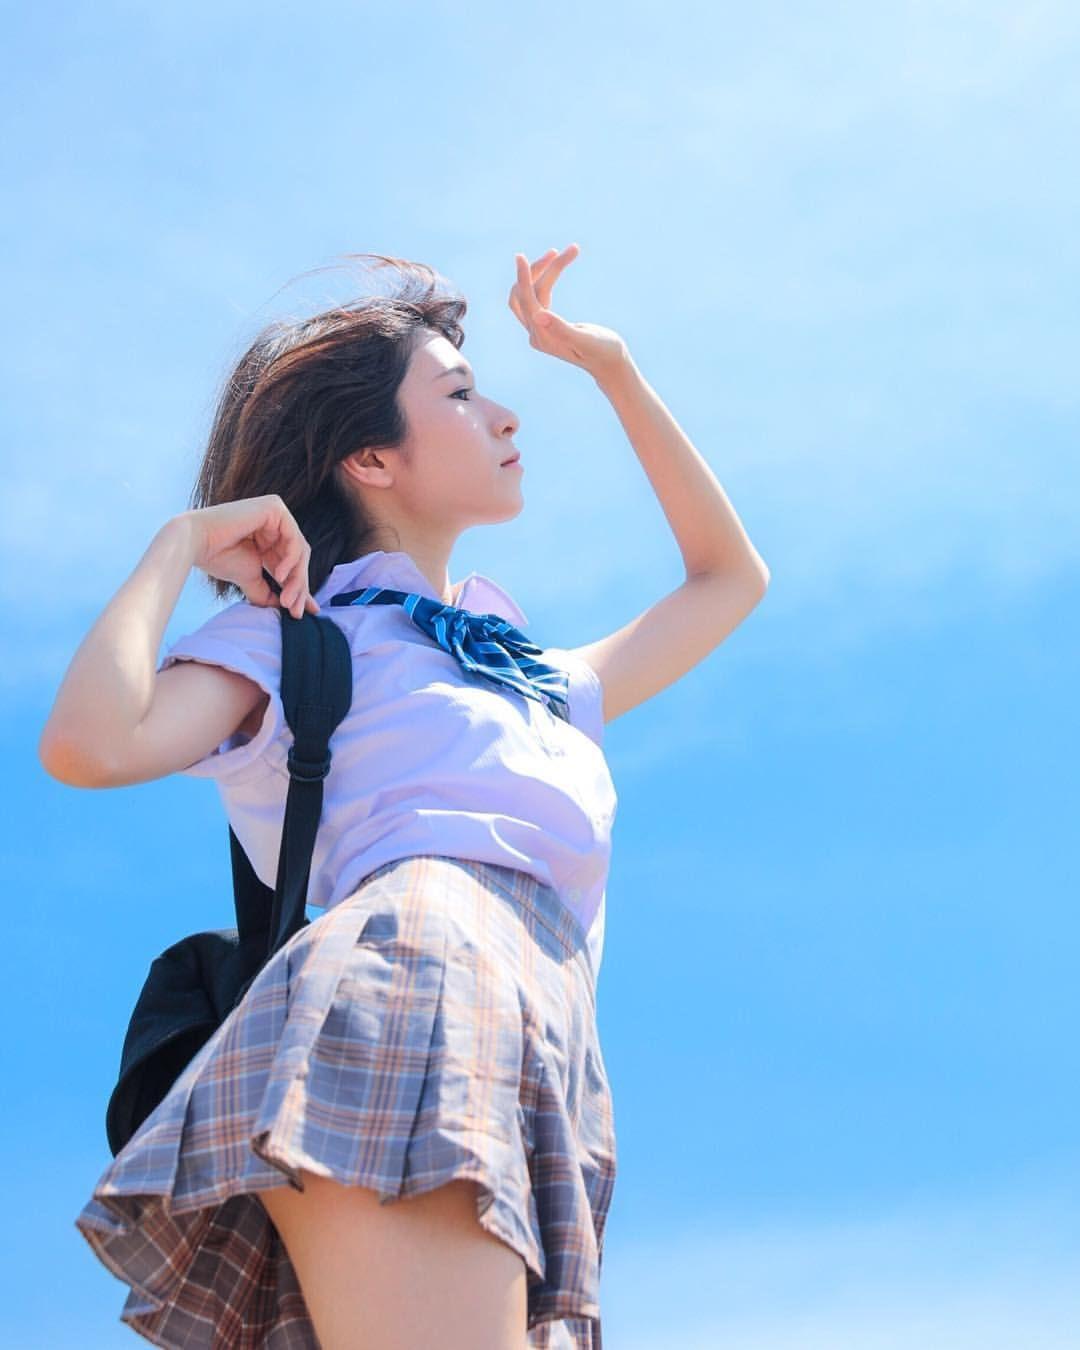 美少女💖在高處享受著陽光的照耀☀️》#美少女 #Cute #Girl #Pretty #Girls #漂亮 #可愛 #青春活力